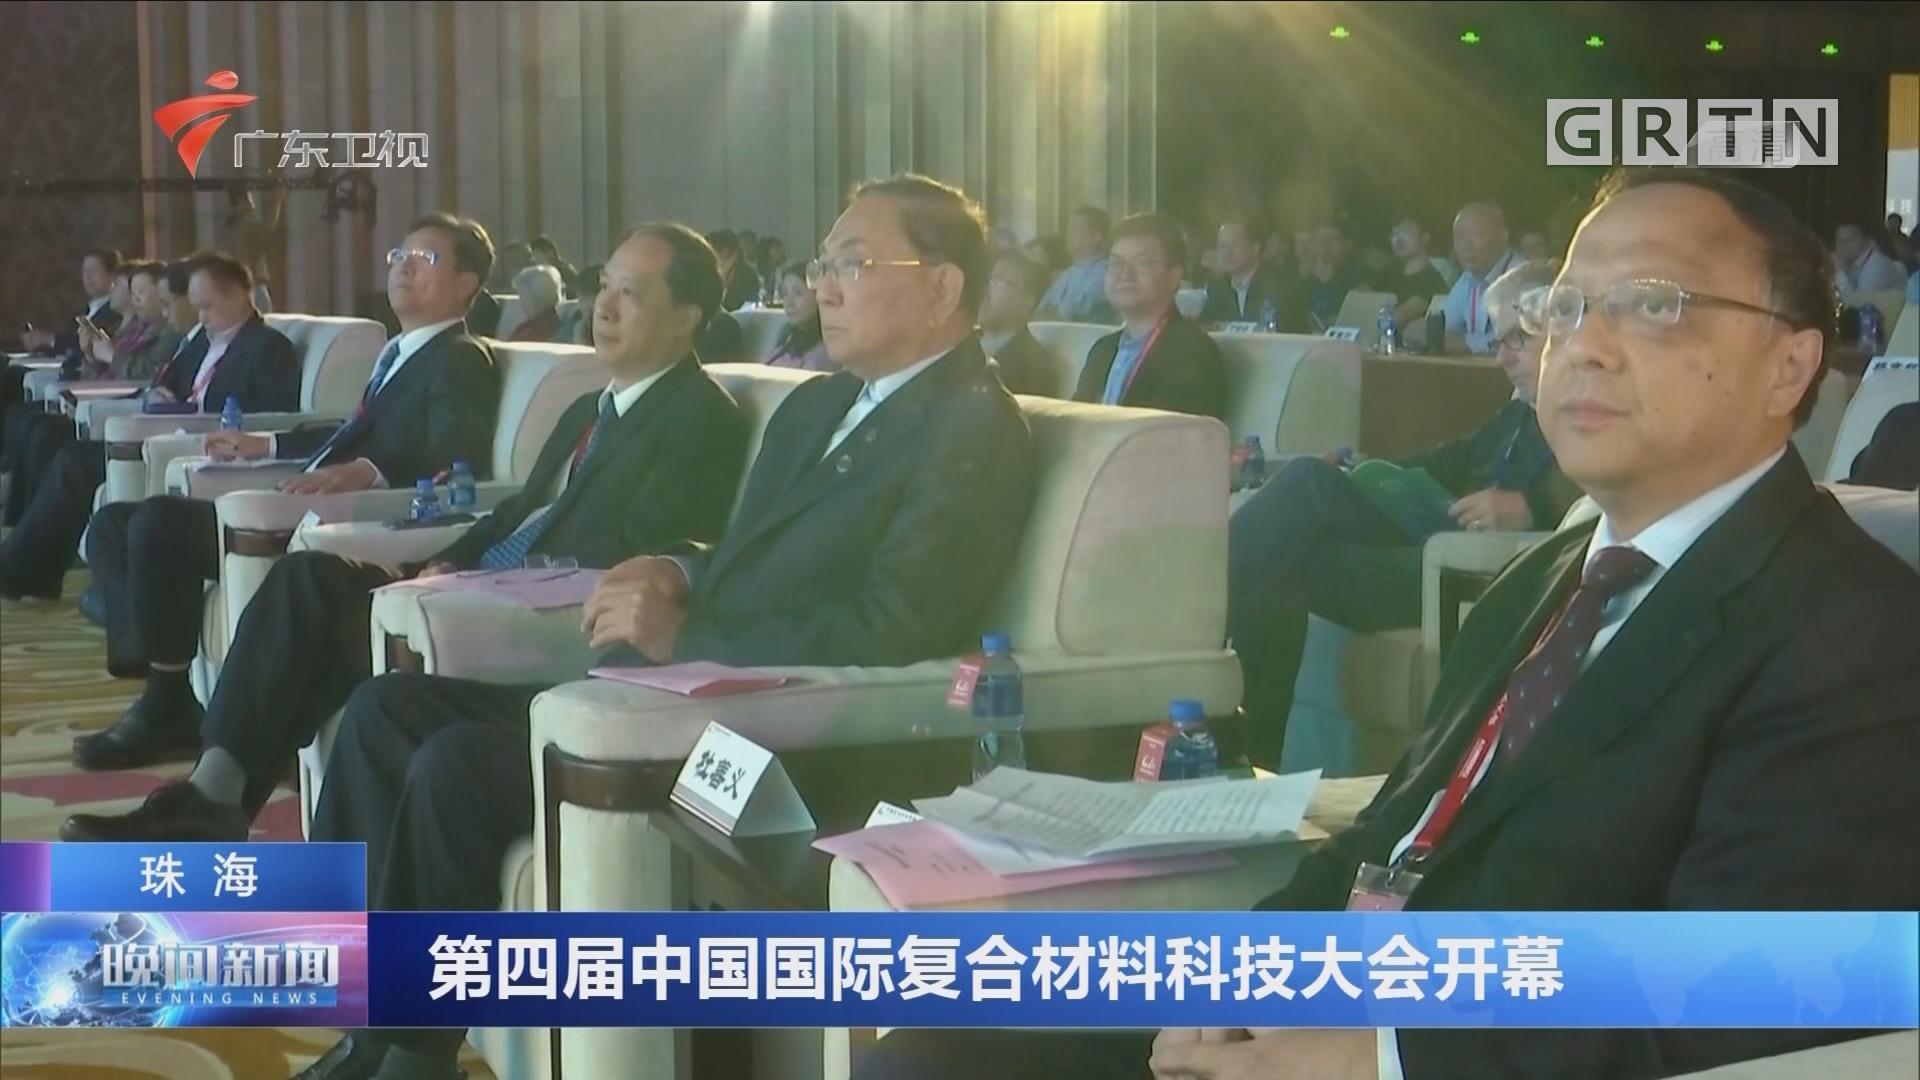 珠海:第四届中国国际复合材料科技大会开幕